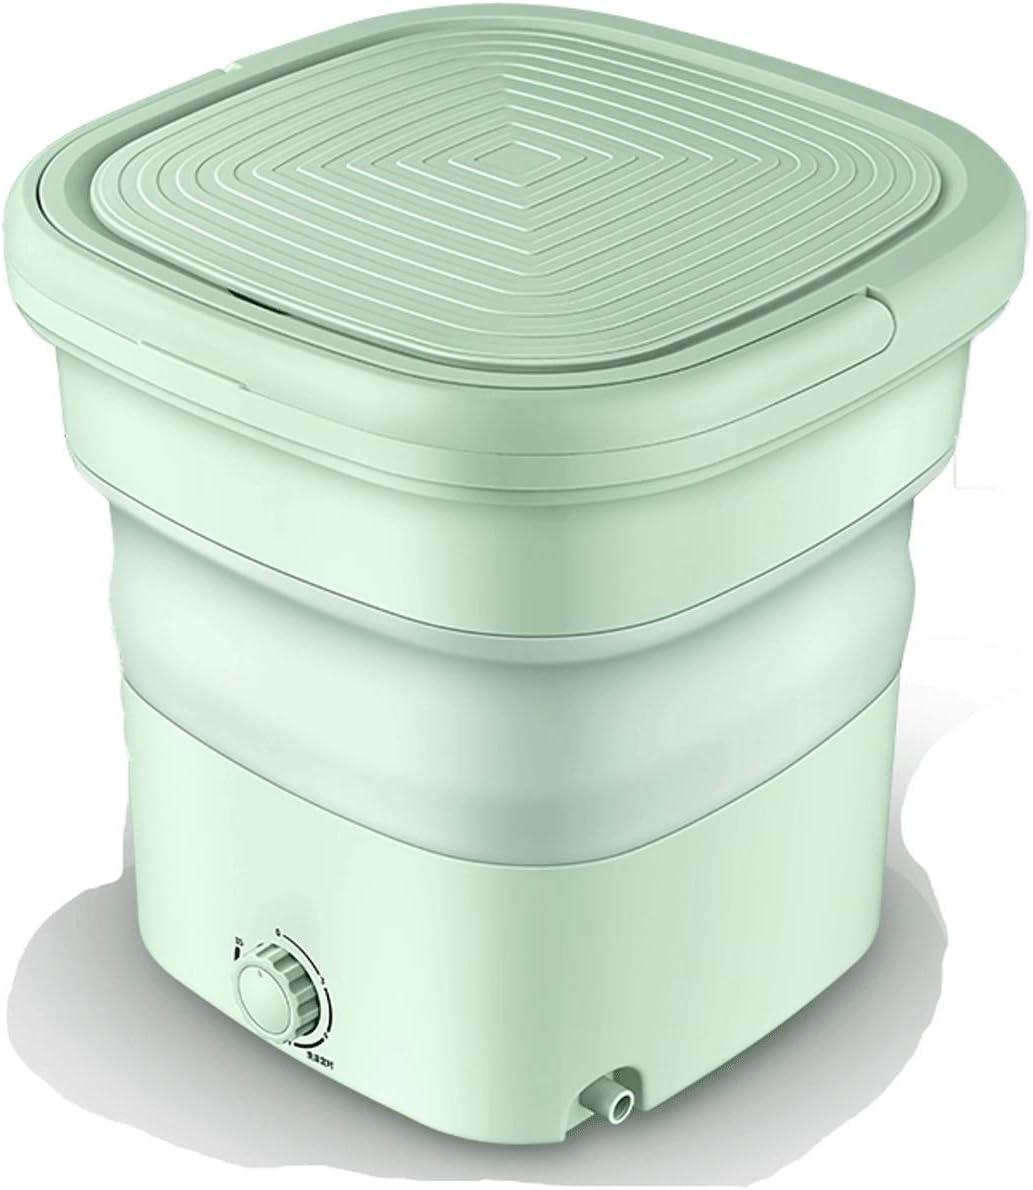 Mini Lavadora Lavadora portátil Esterilización de Ray Ray Mini lavadora MINT Folding lavadora para lavar ropa de bebé, dormitorio de apartamento, viajes, regalo para un amigo o familia Lavadoras Portá